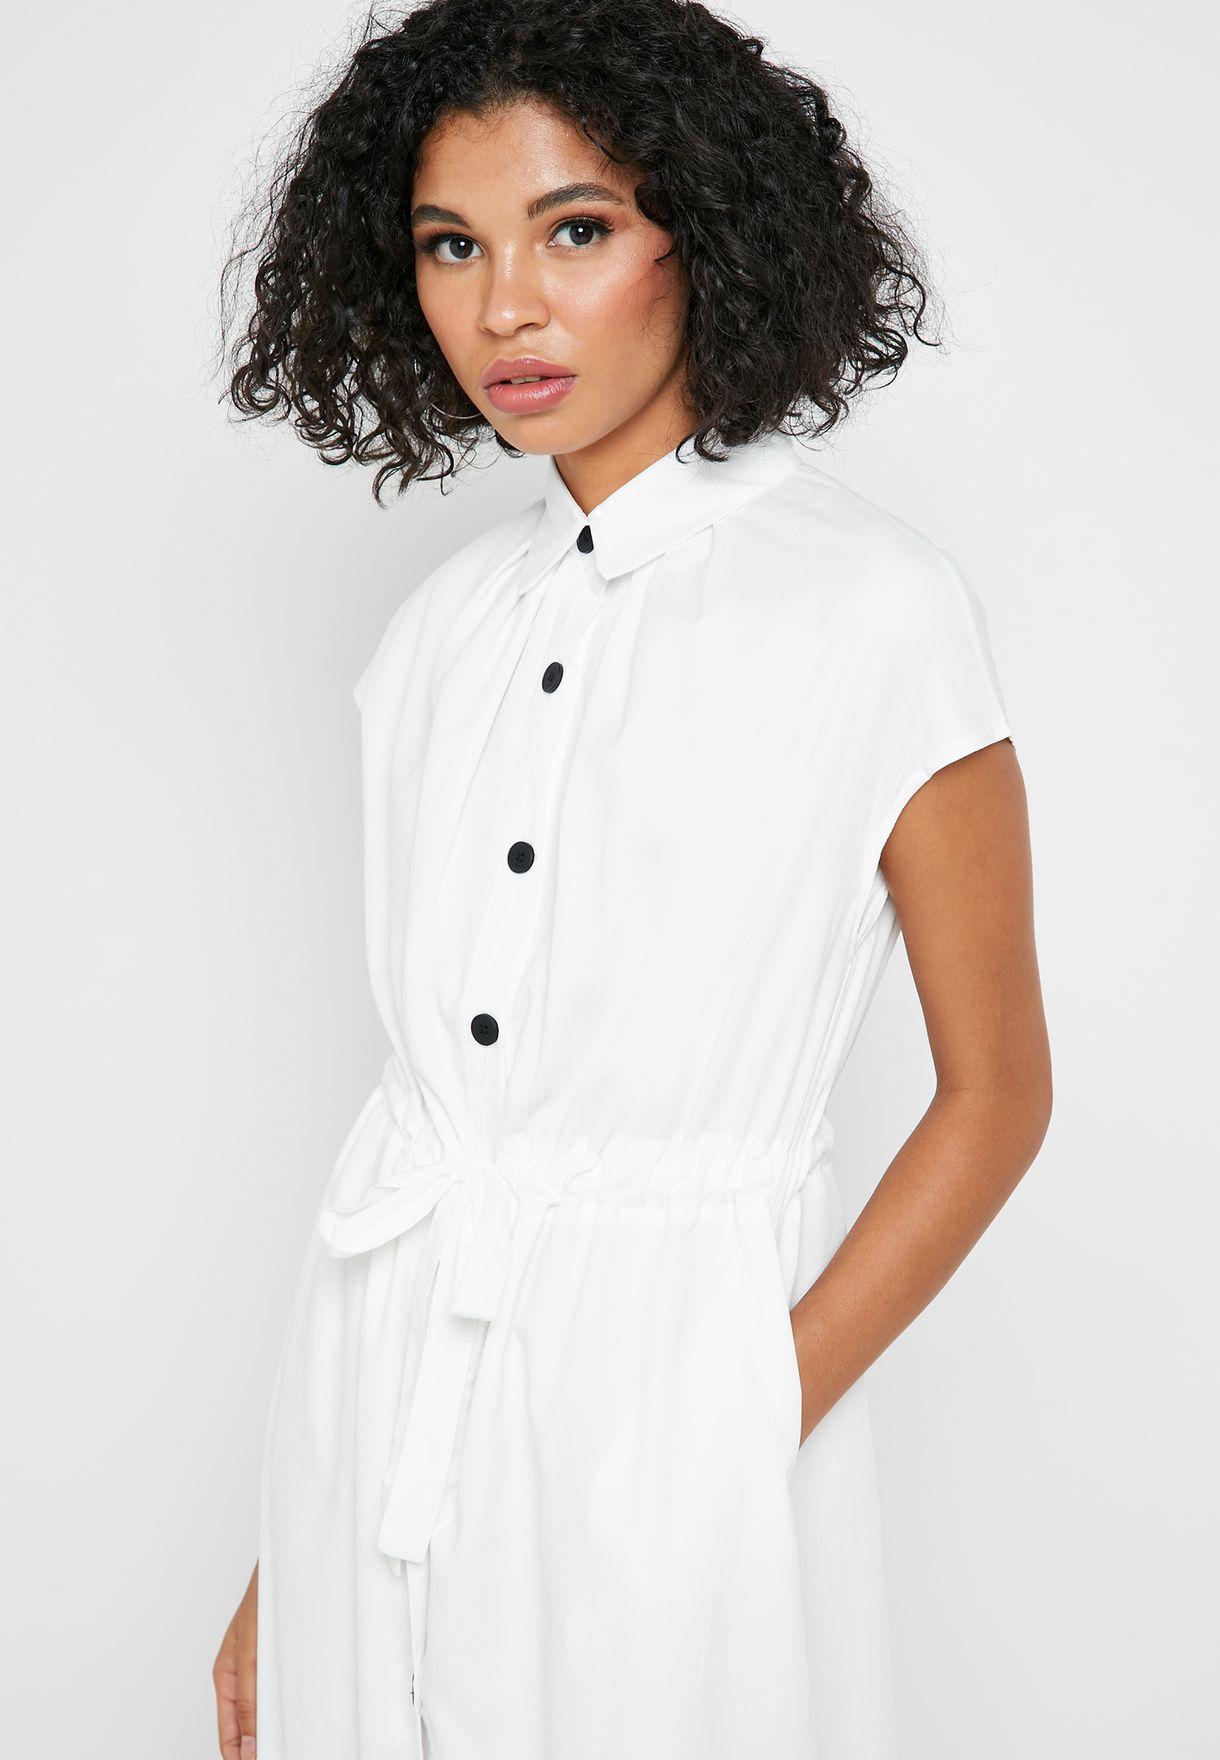 فستان ميدي بأزرار امامية